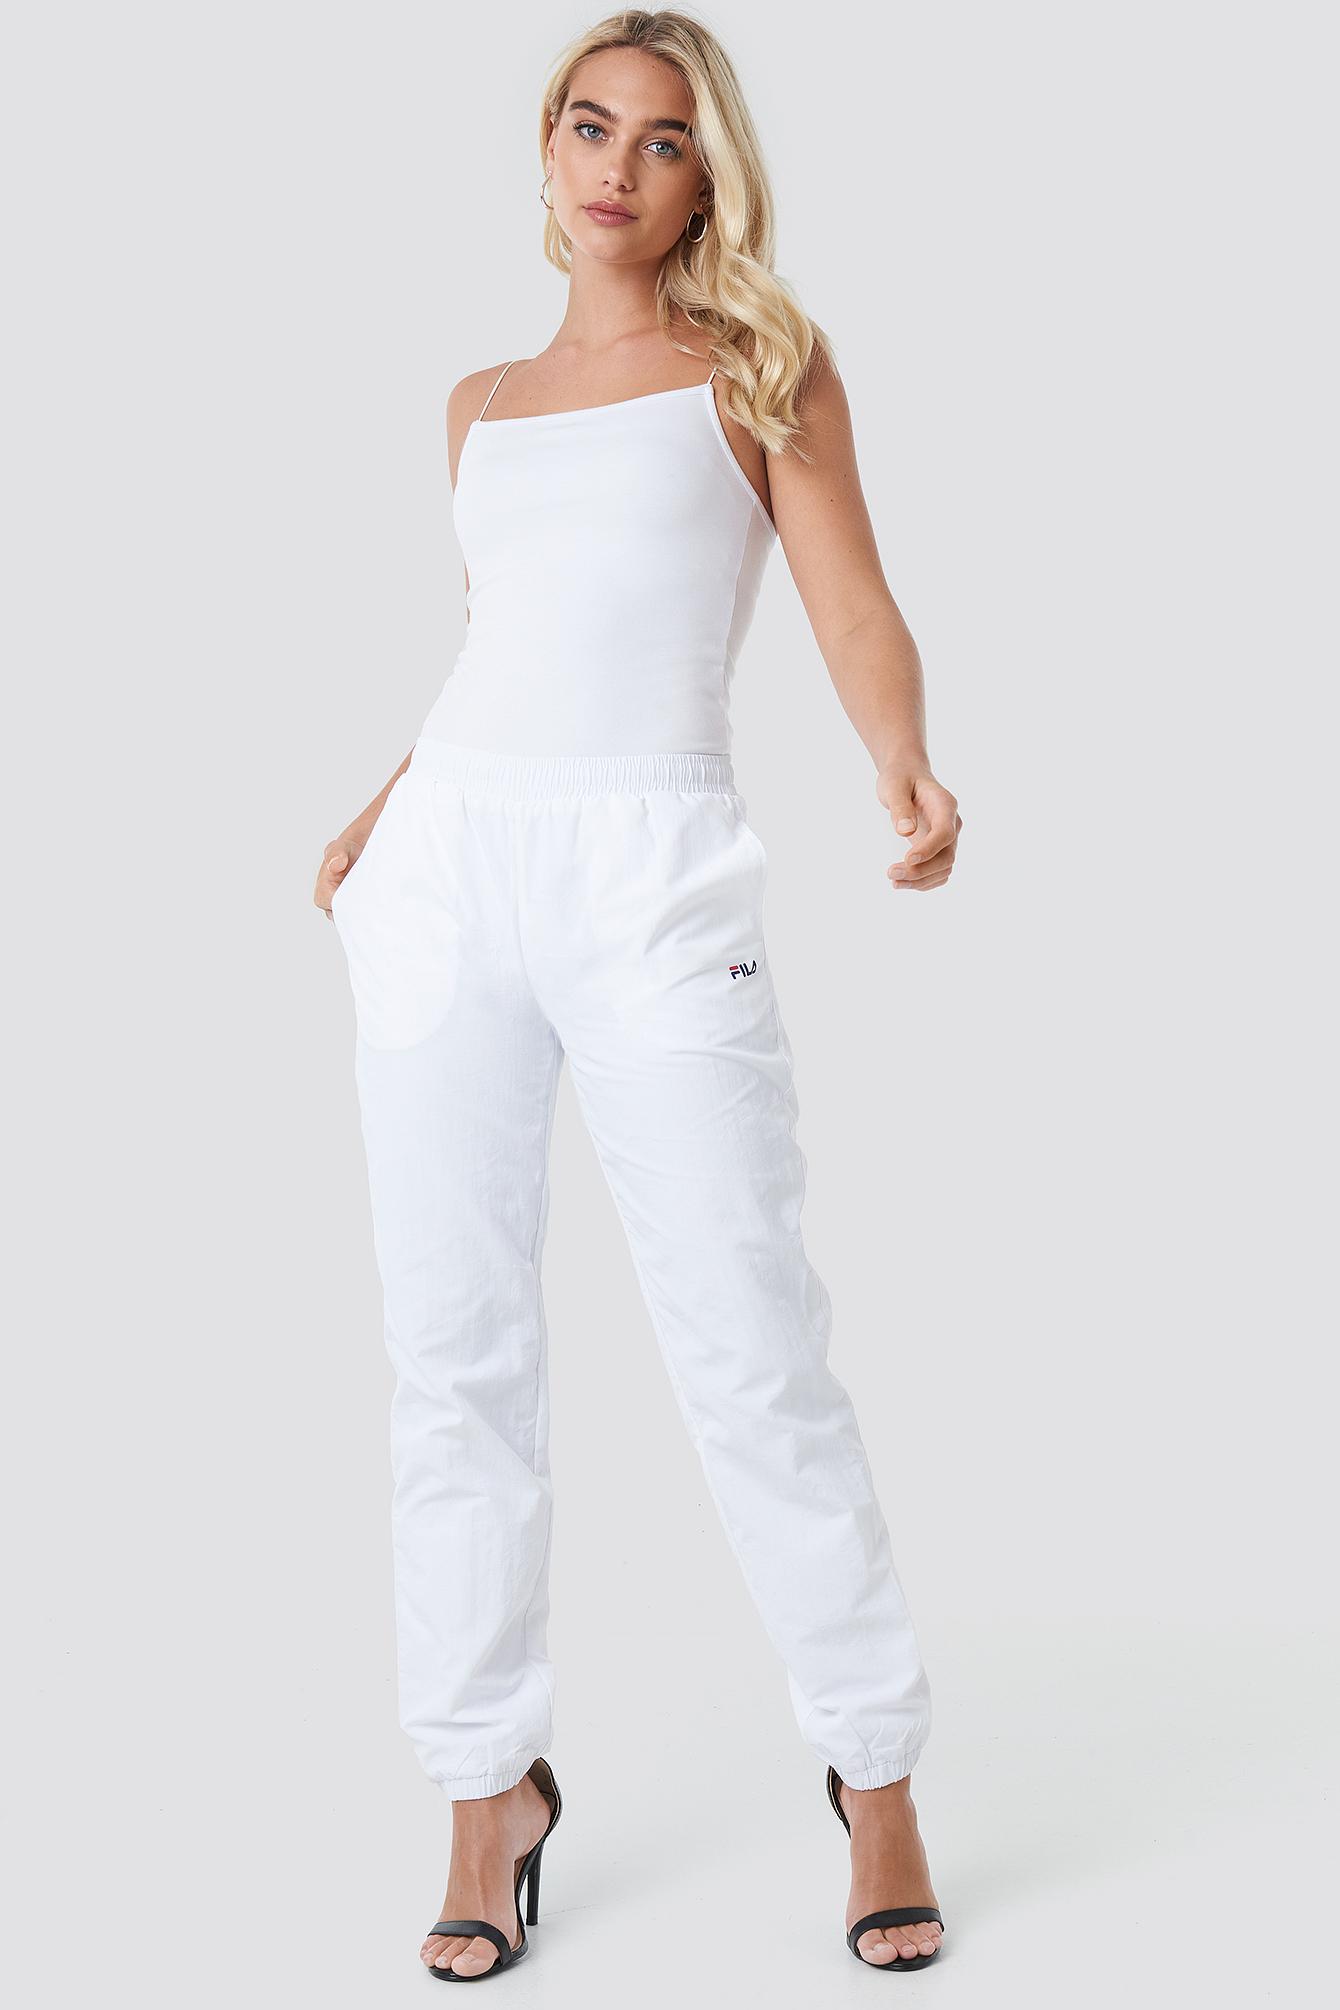 fila -  Alma Woven Pants - White